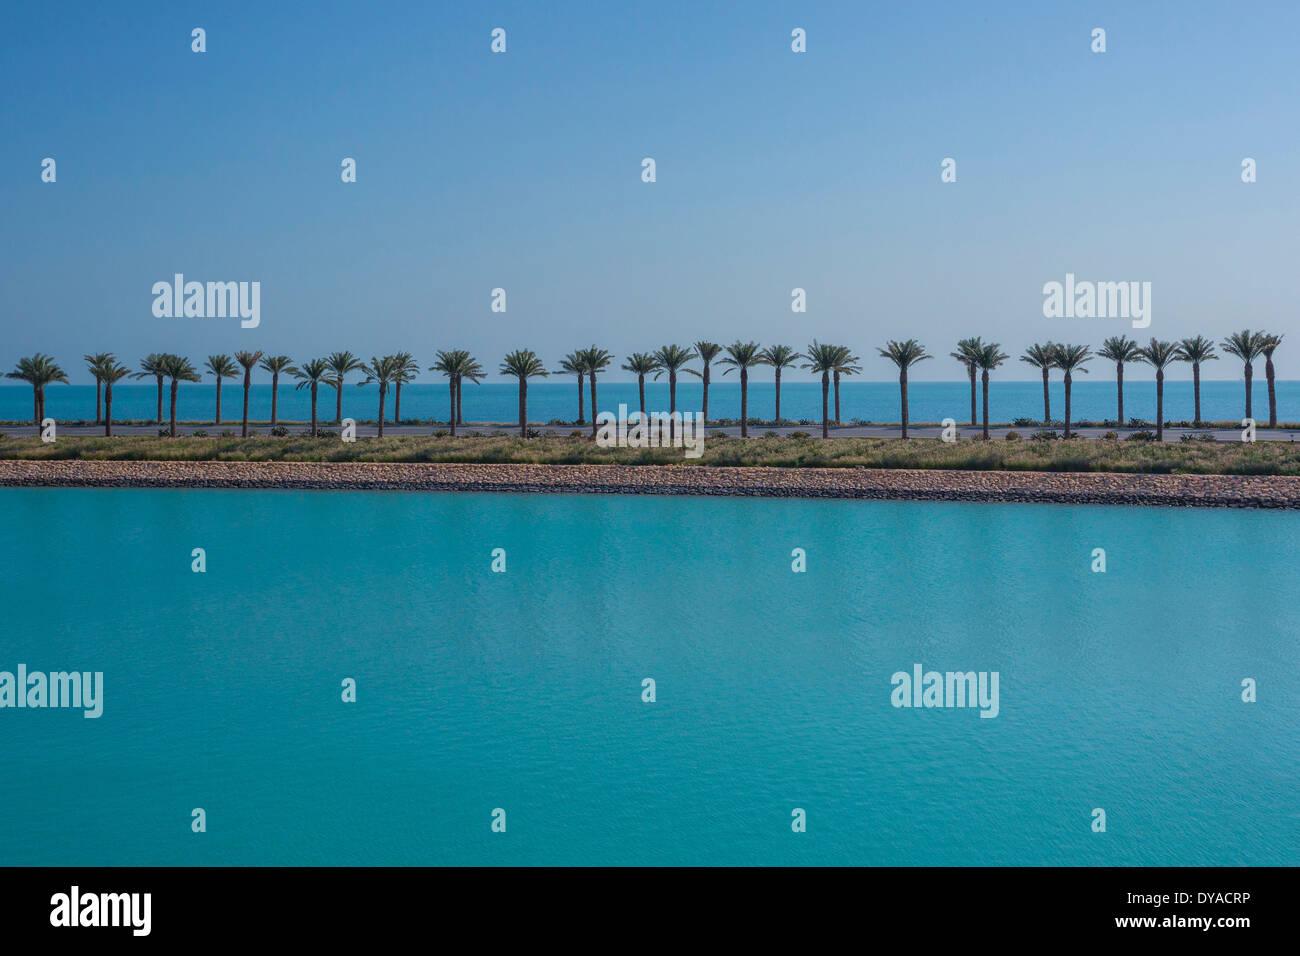 Doha, Qatar, Medio Oriente, città, Horizon, palme, strada, mare, turistica, viaggio autostrada Immagini Stock